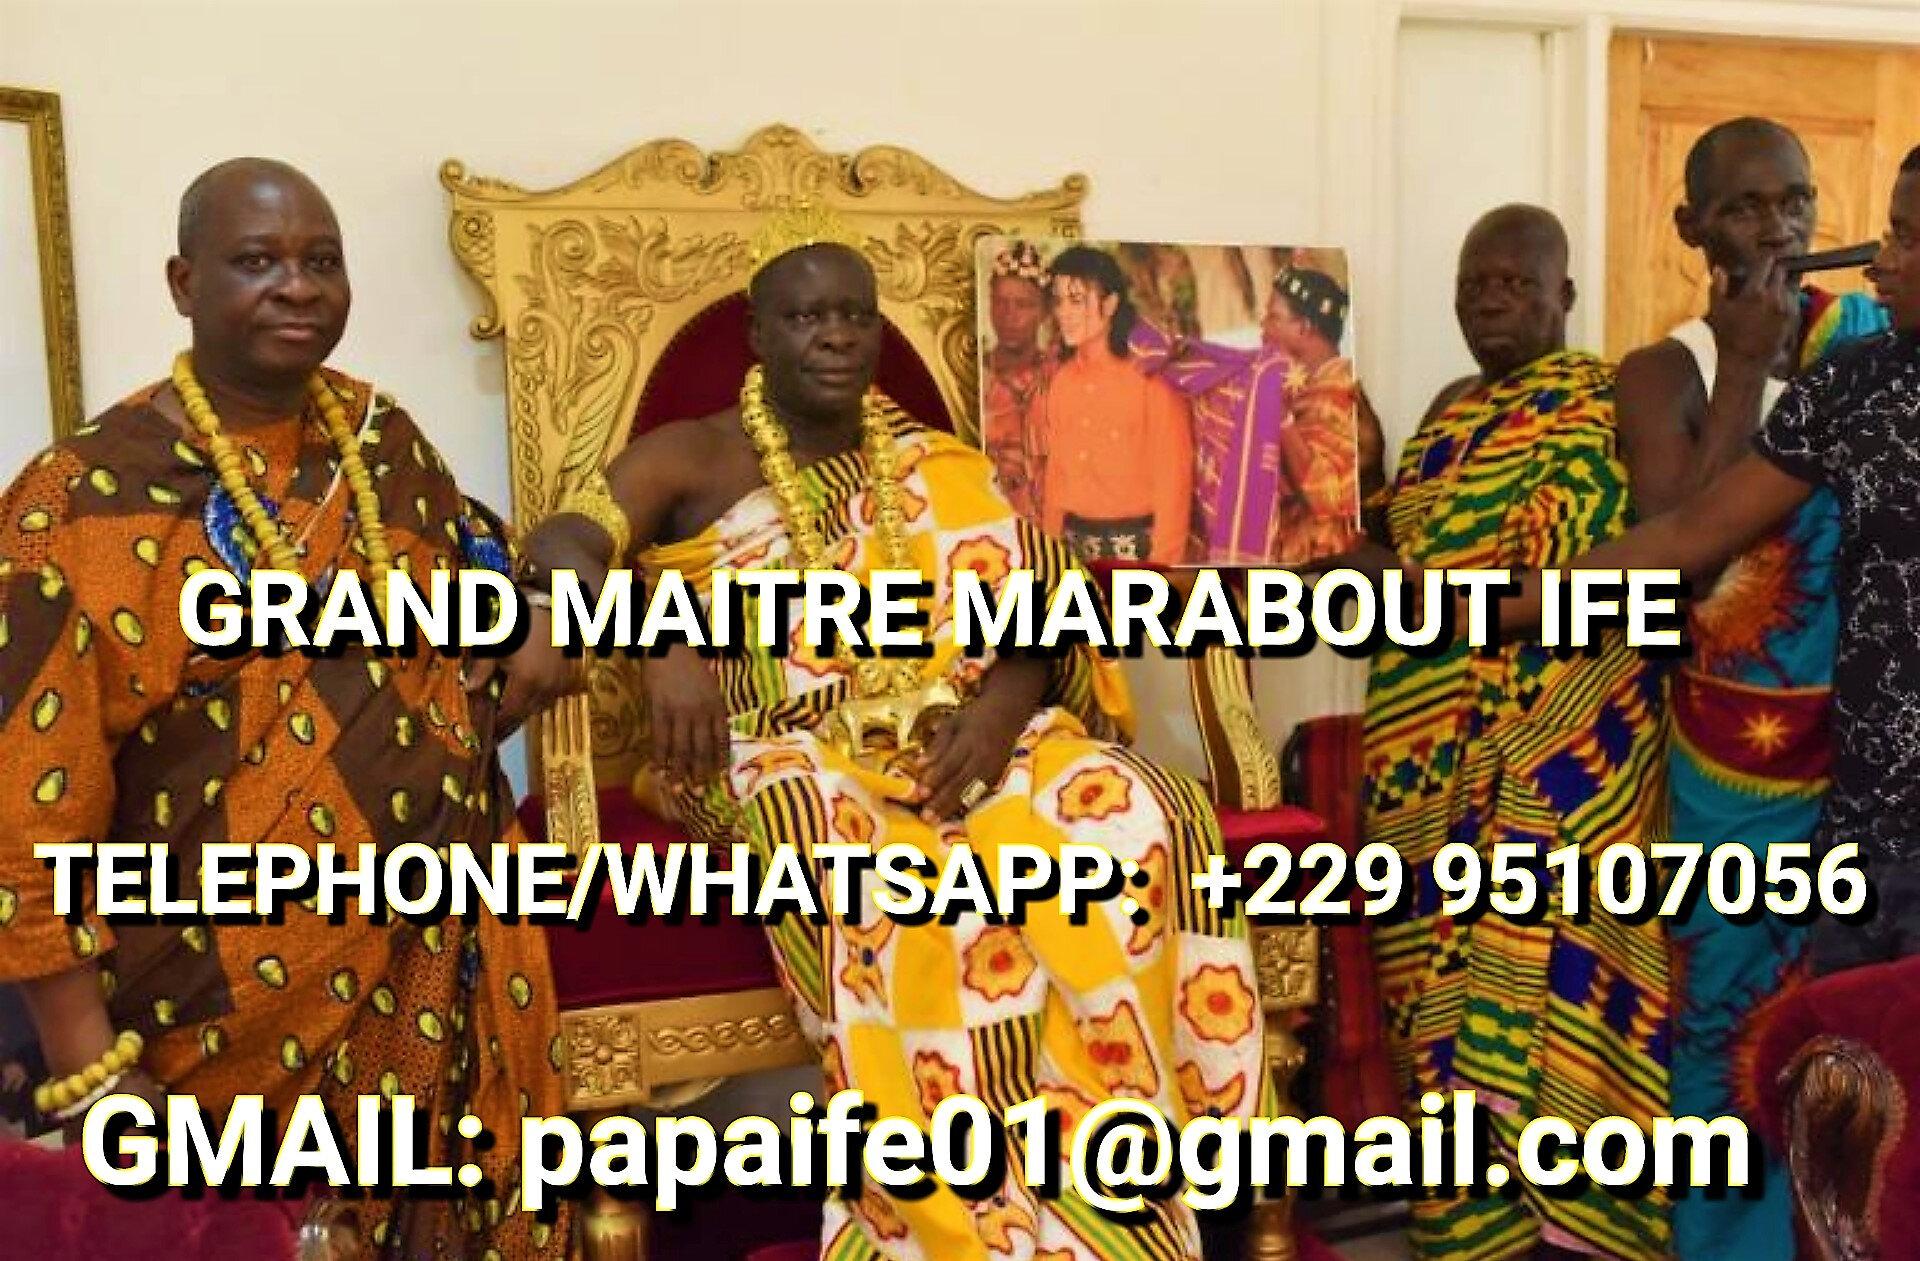 LE PLUS PUISSANT MAITRE MARABOUT PAPA IFE